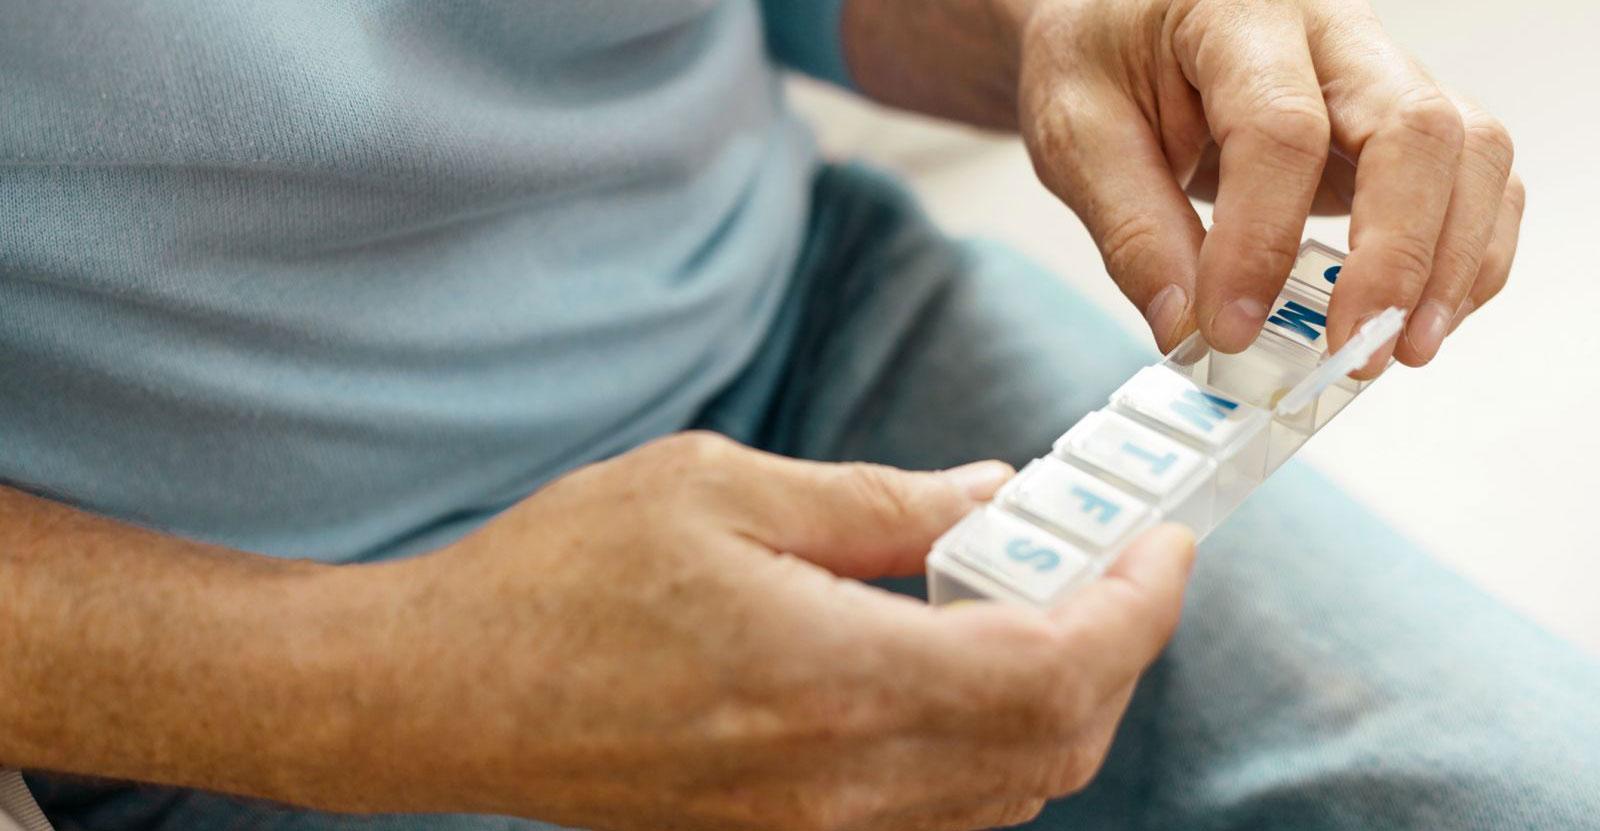 Tablete za erekcijo